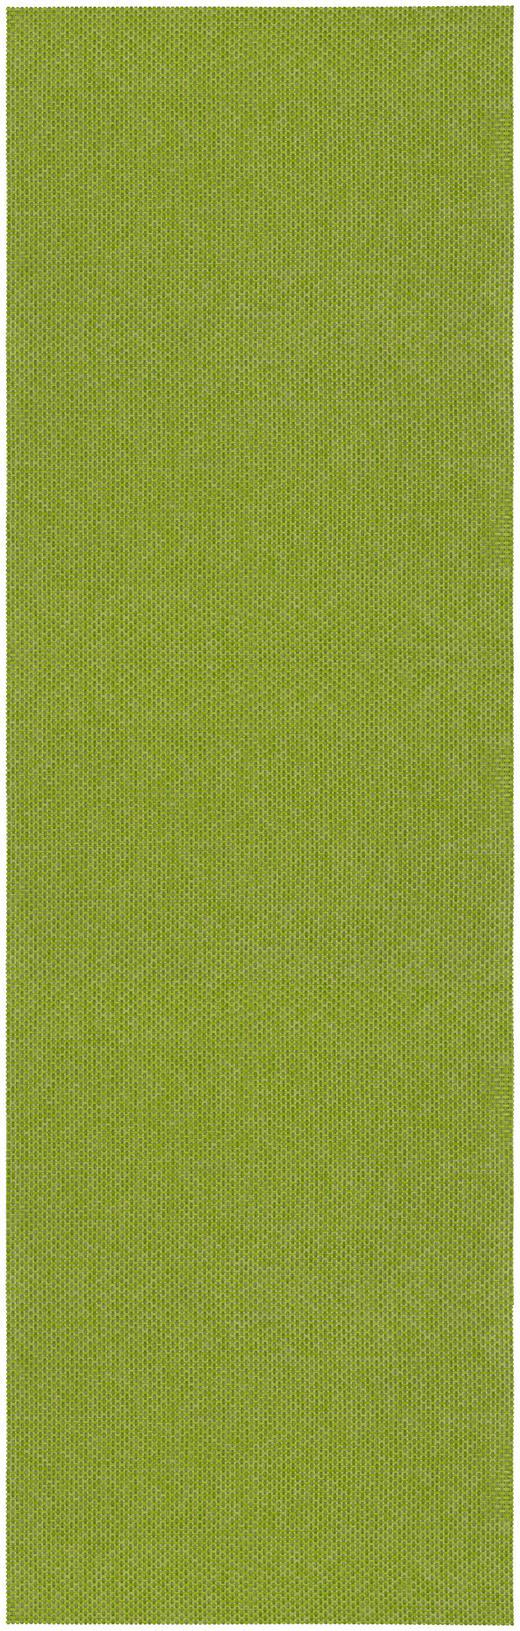 NADSTOLNJAK - zelena, Design, tekstil (45/150cm) - Homeware